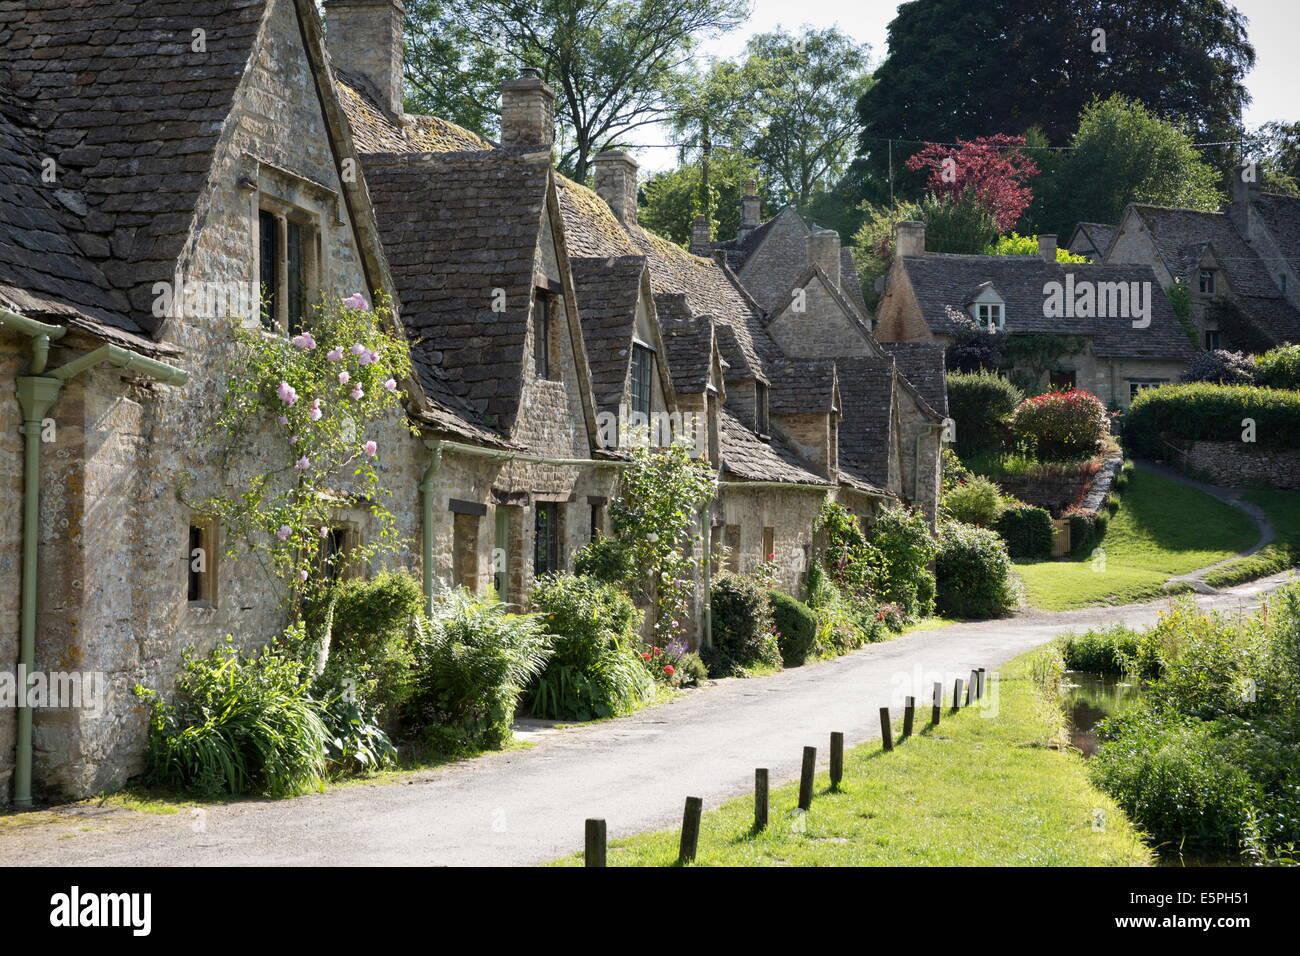 Arlington Row, Bibury, Cotswolds, Gloucestershire, England, United Kingdom, Europe - Stock Image